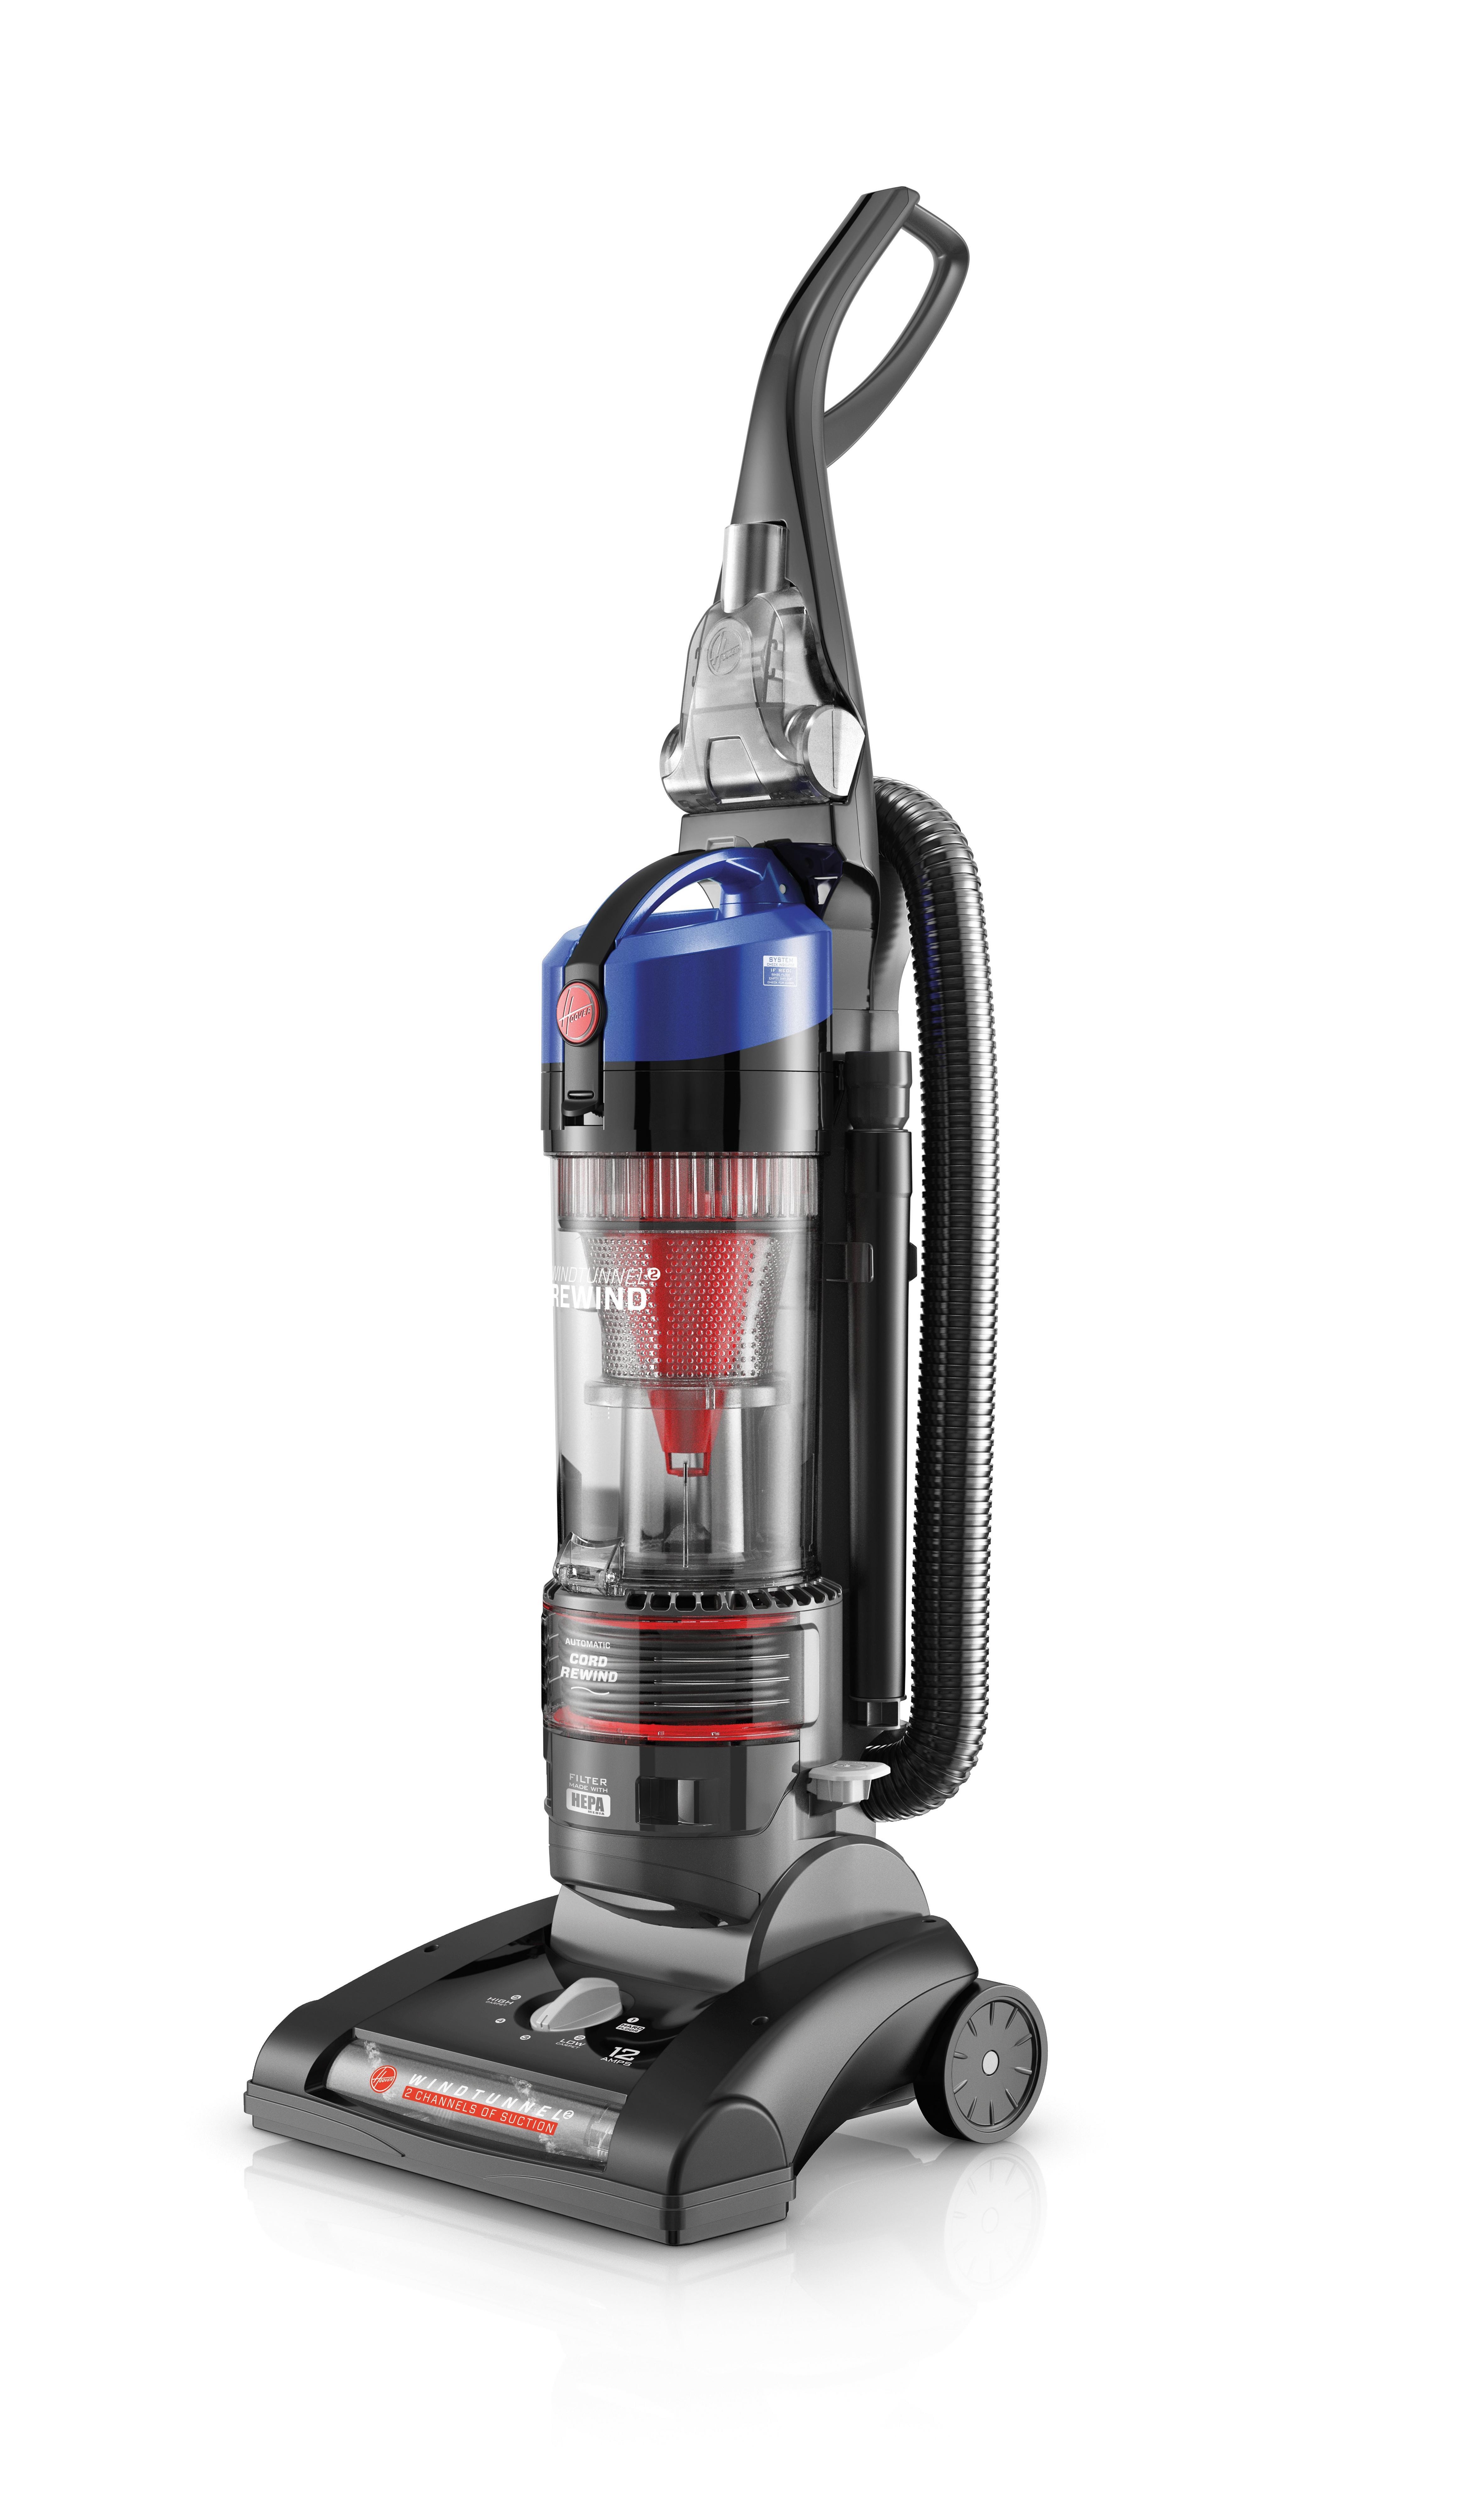 WindTunnel 2 Rewind Upright Vacuum2